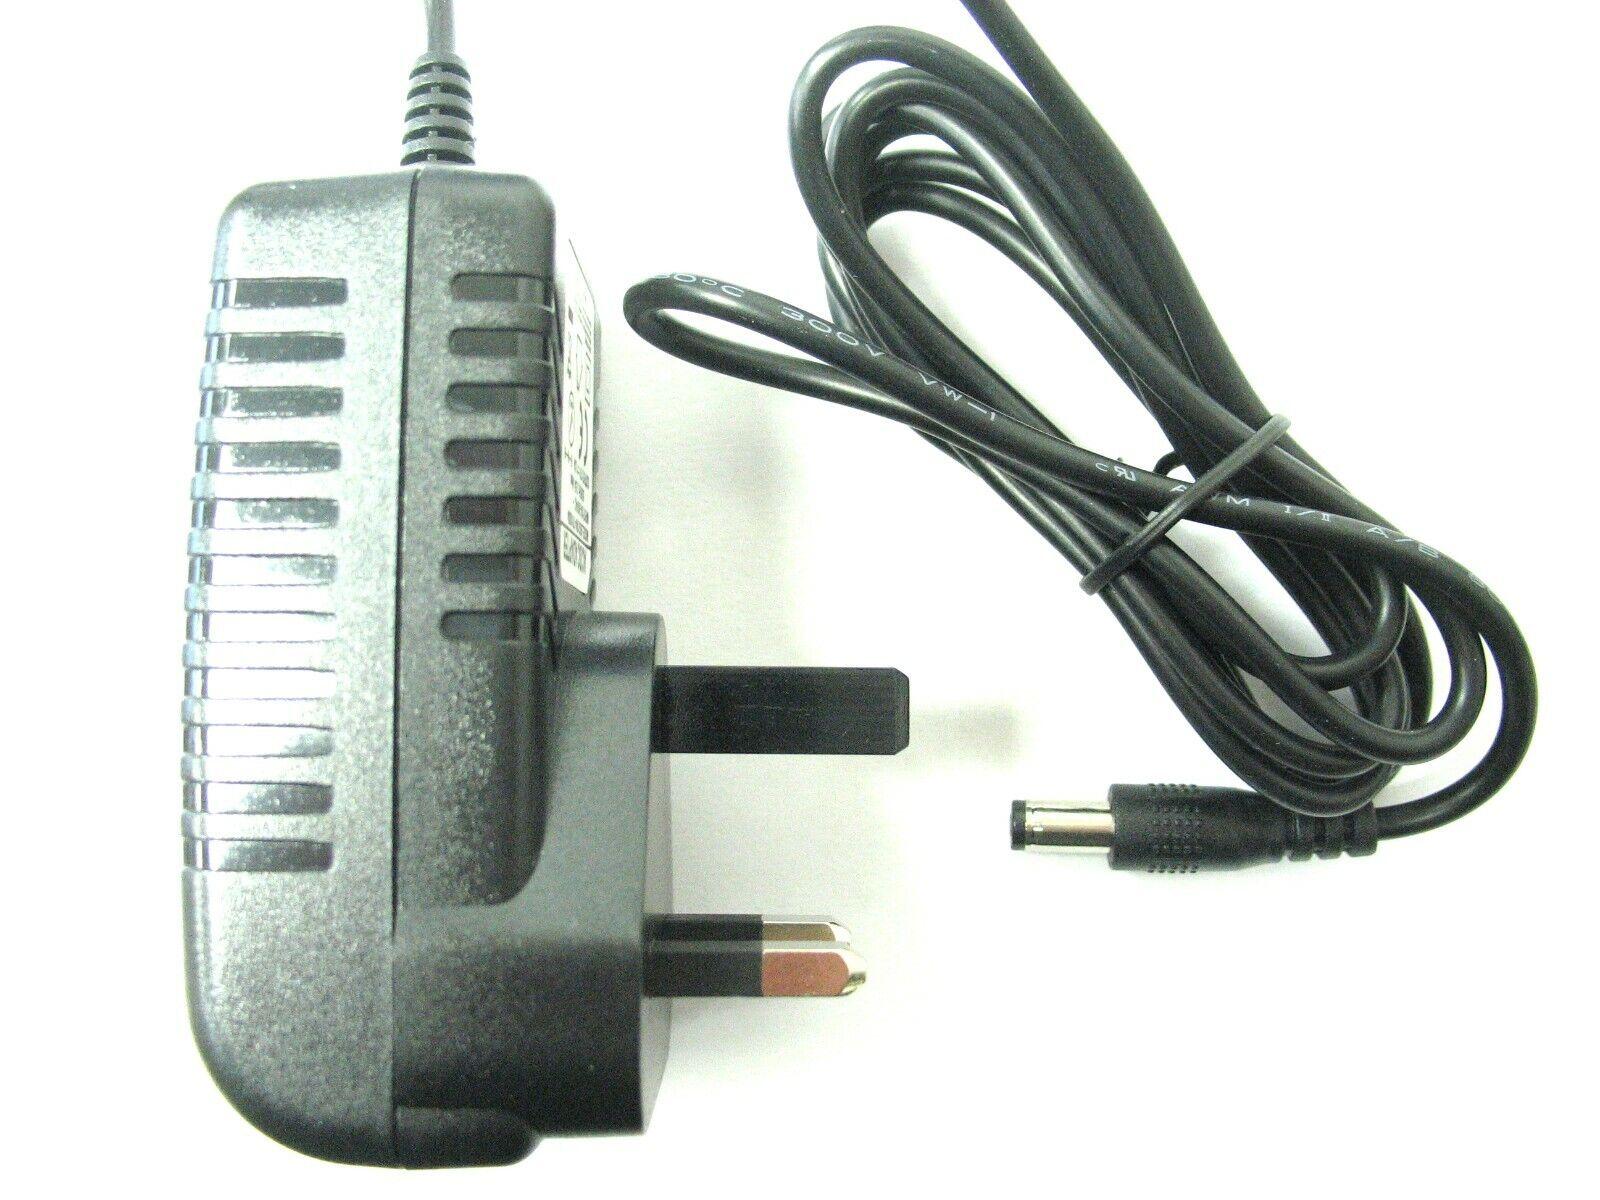 1 amp 17 volt AC-DC Mains Regulated Power Adaptor/Supply/Charger (17 watt)